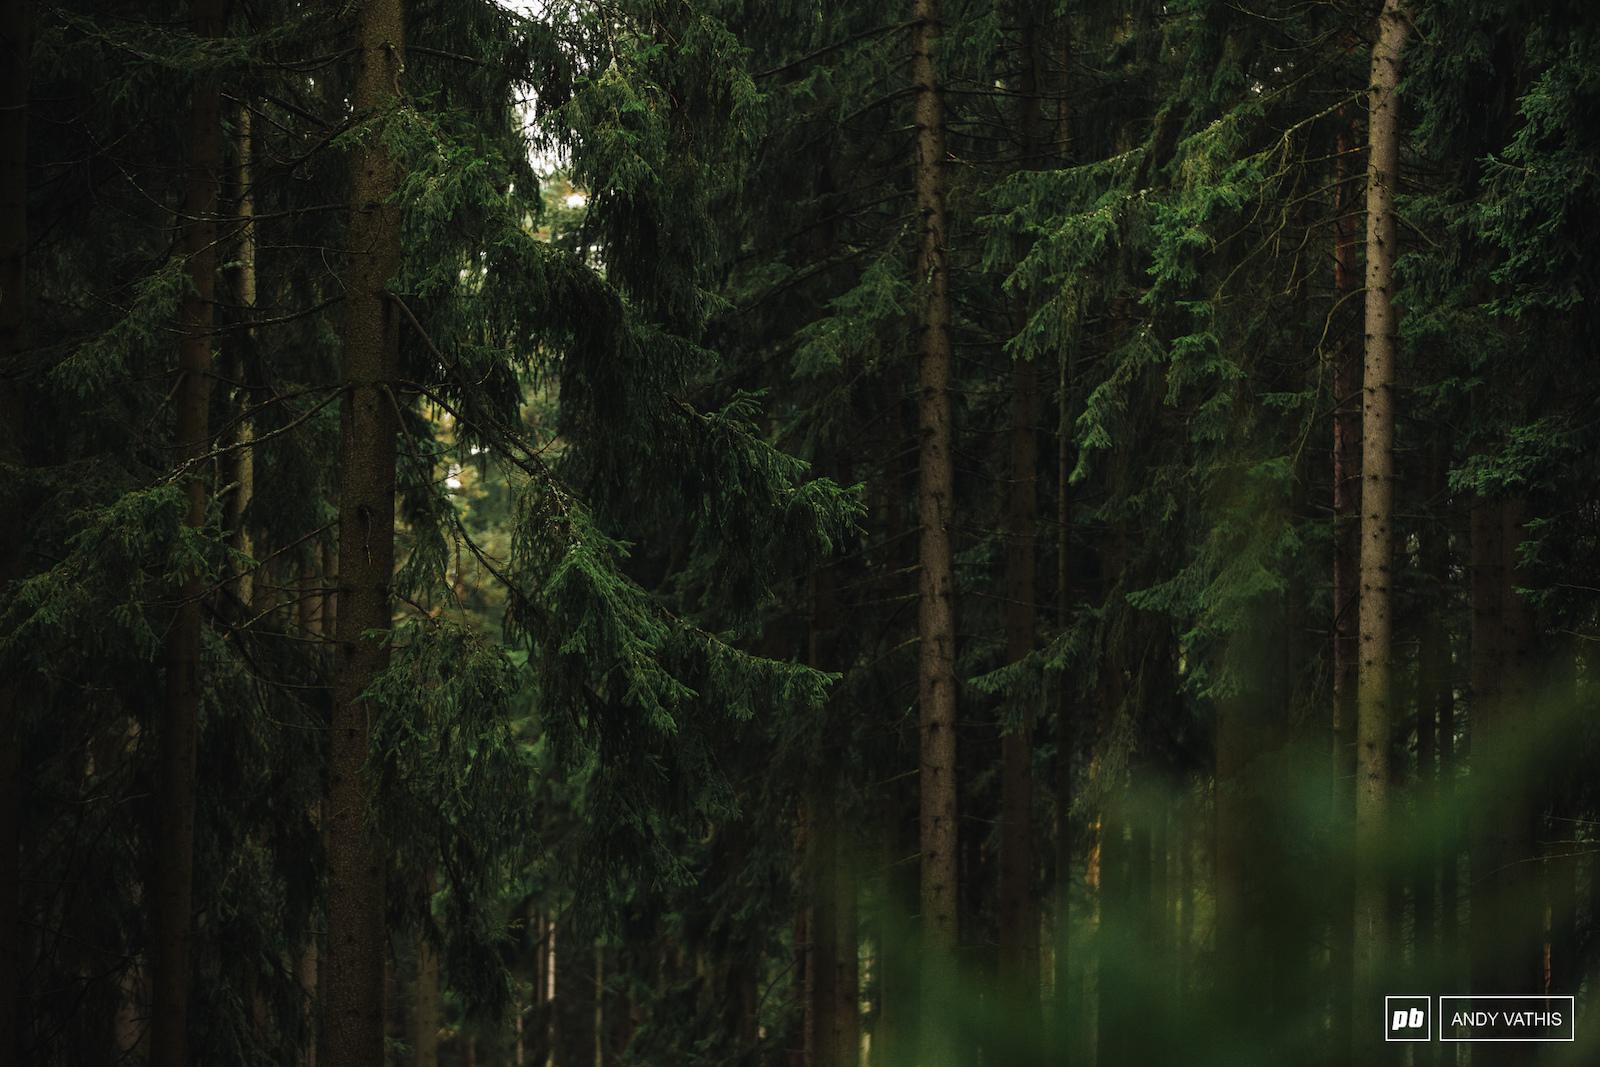 Thick Nove Mesto pine.